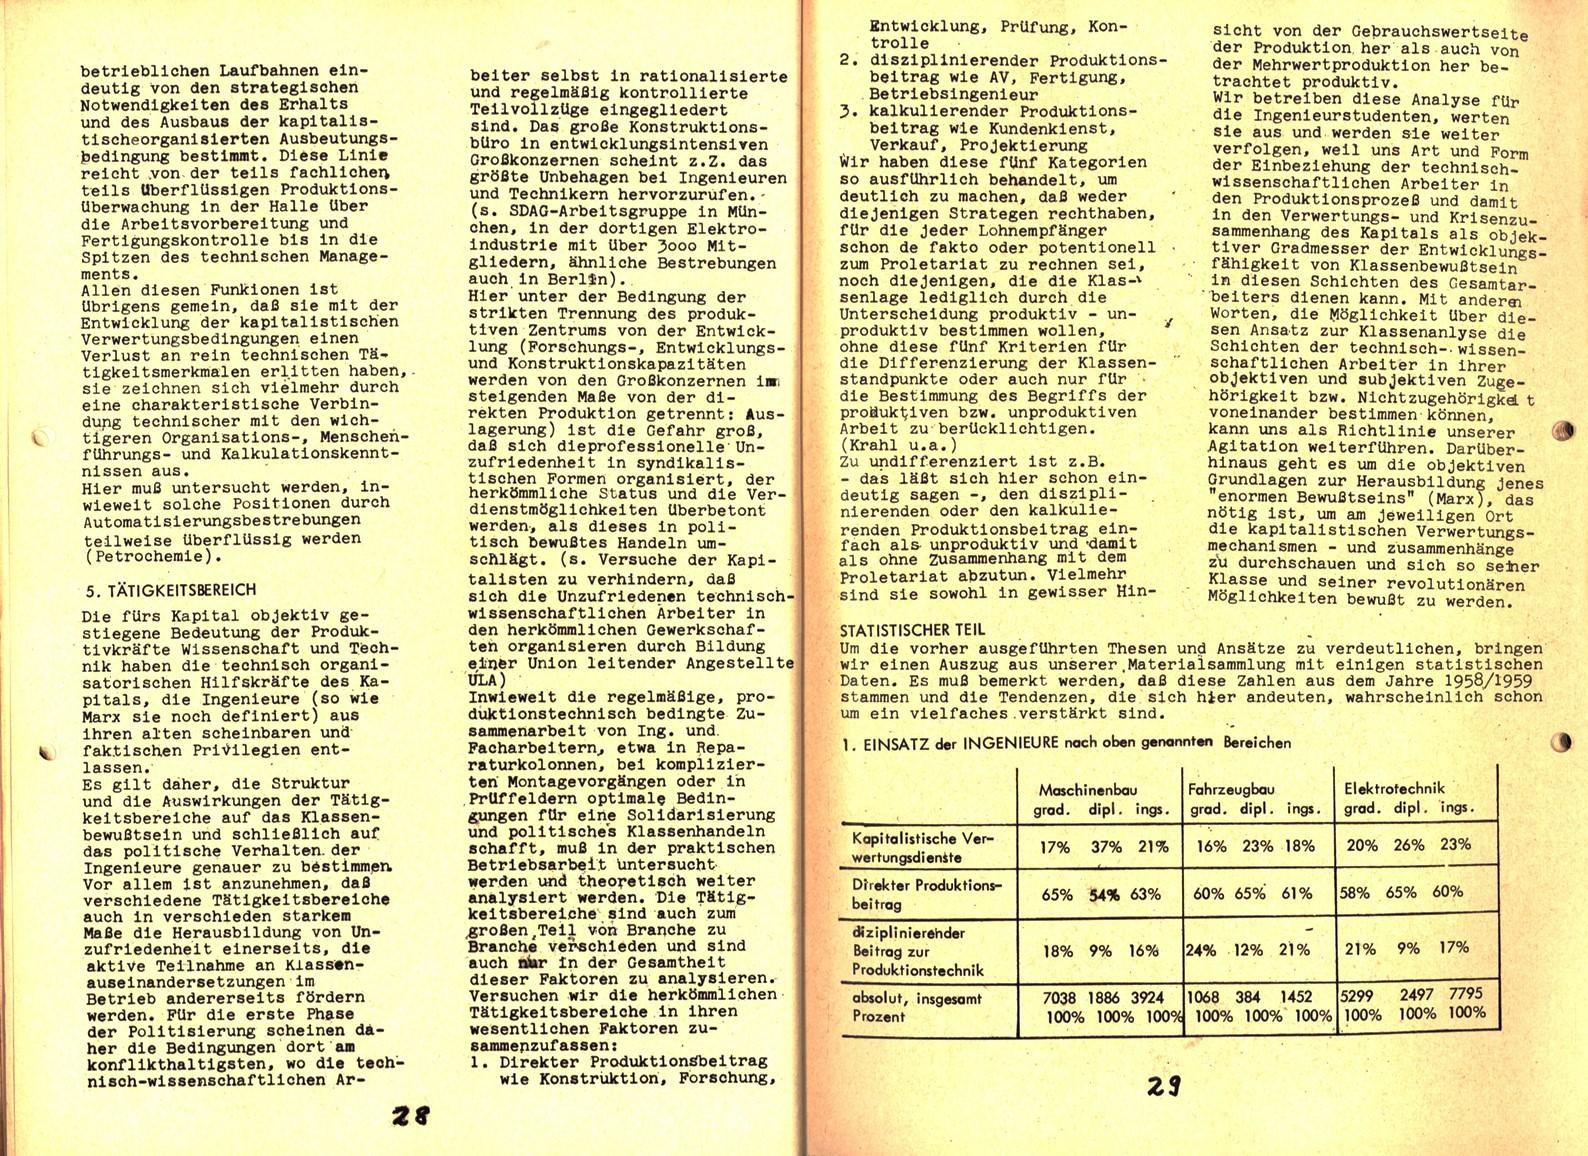 Berlin_Rotzing_1971_Kampfbericht_15